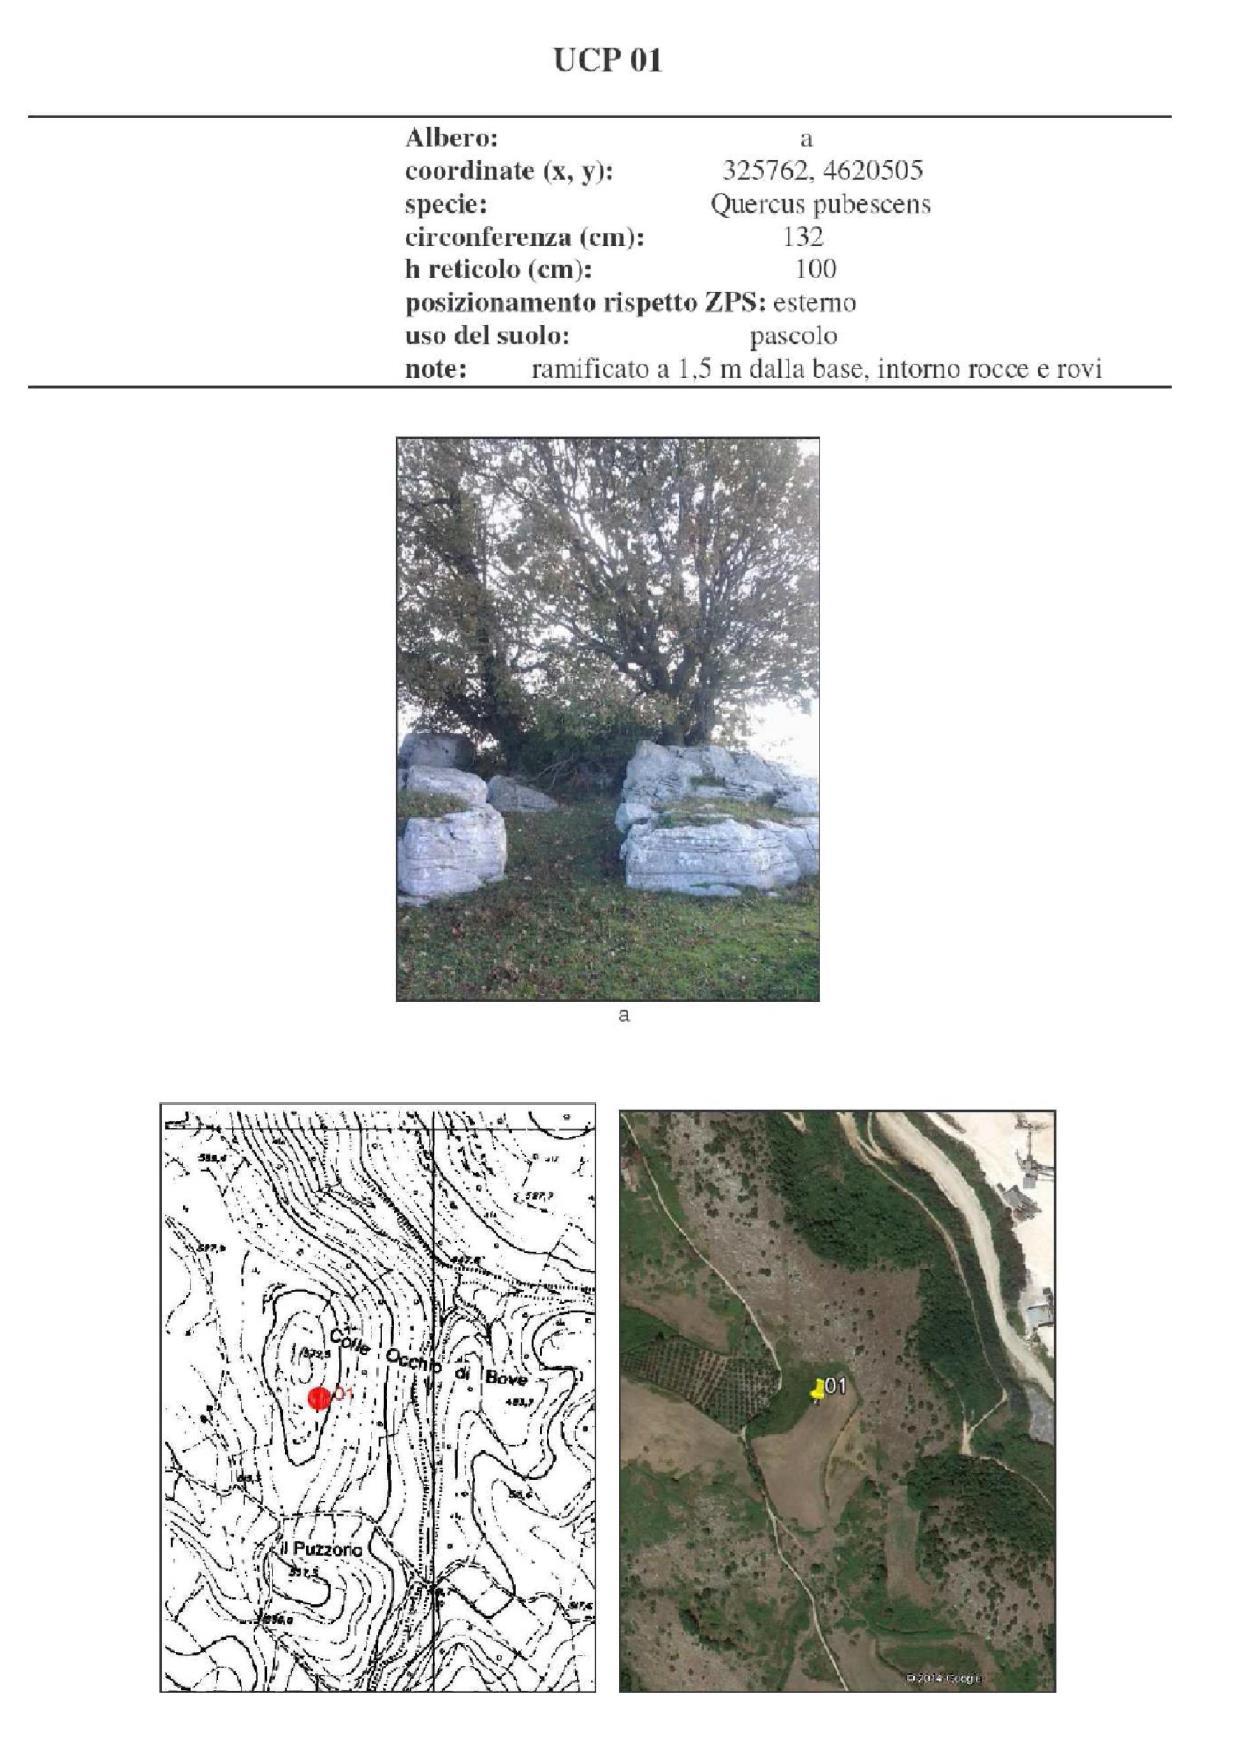 Scheda di biomonitoraggio lichenico